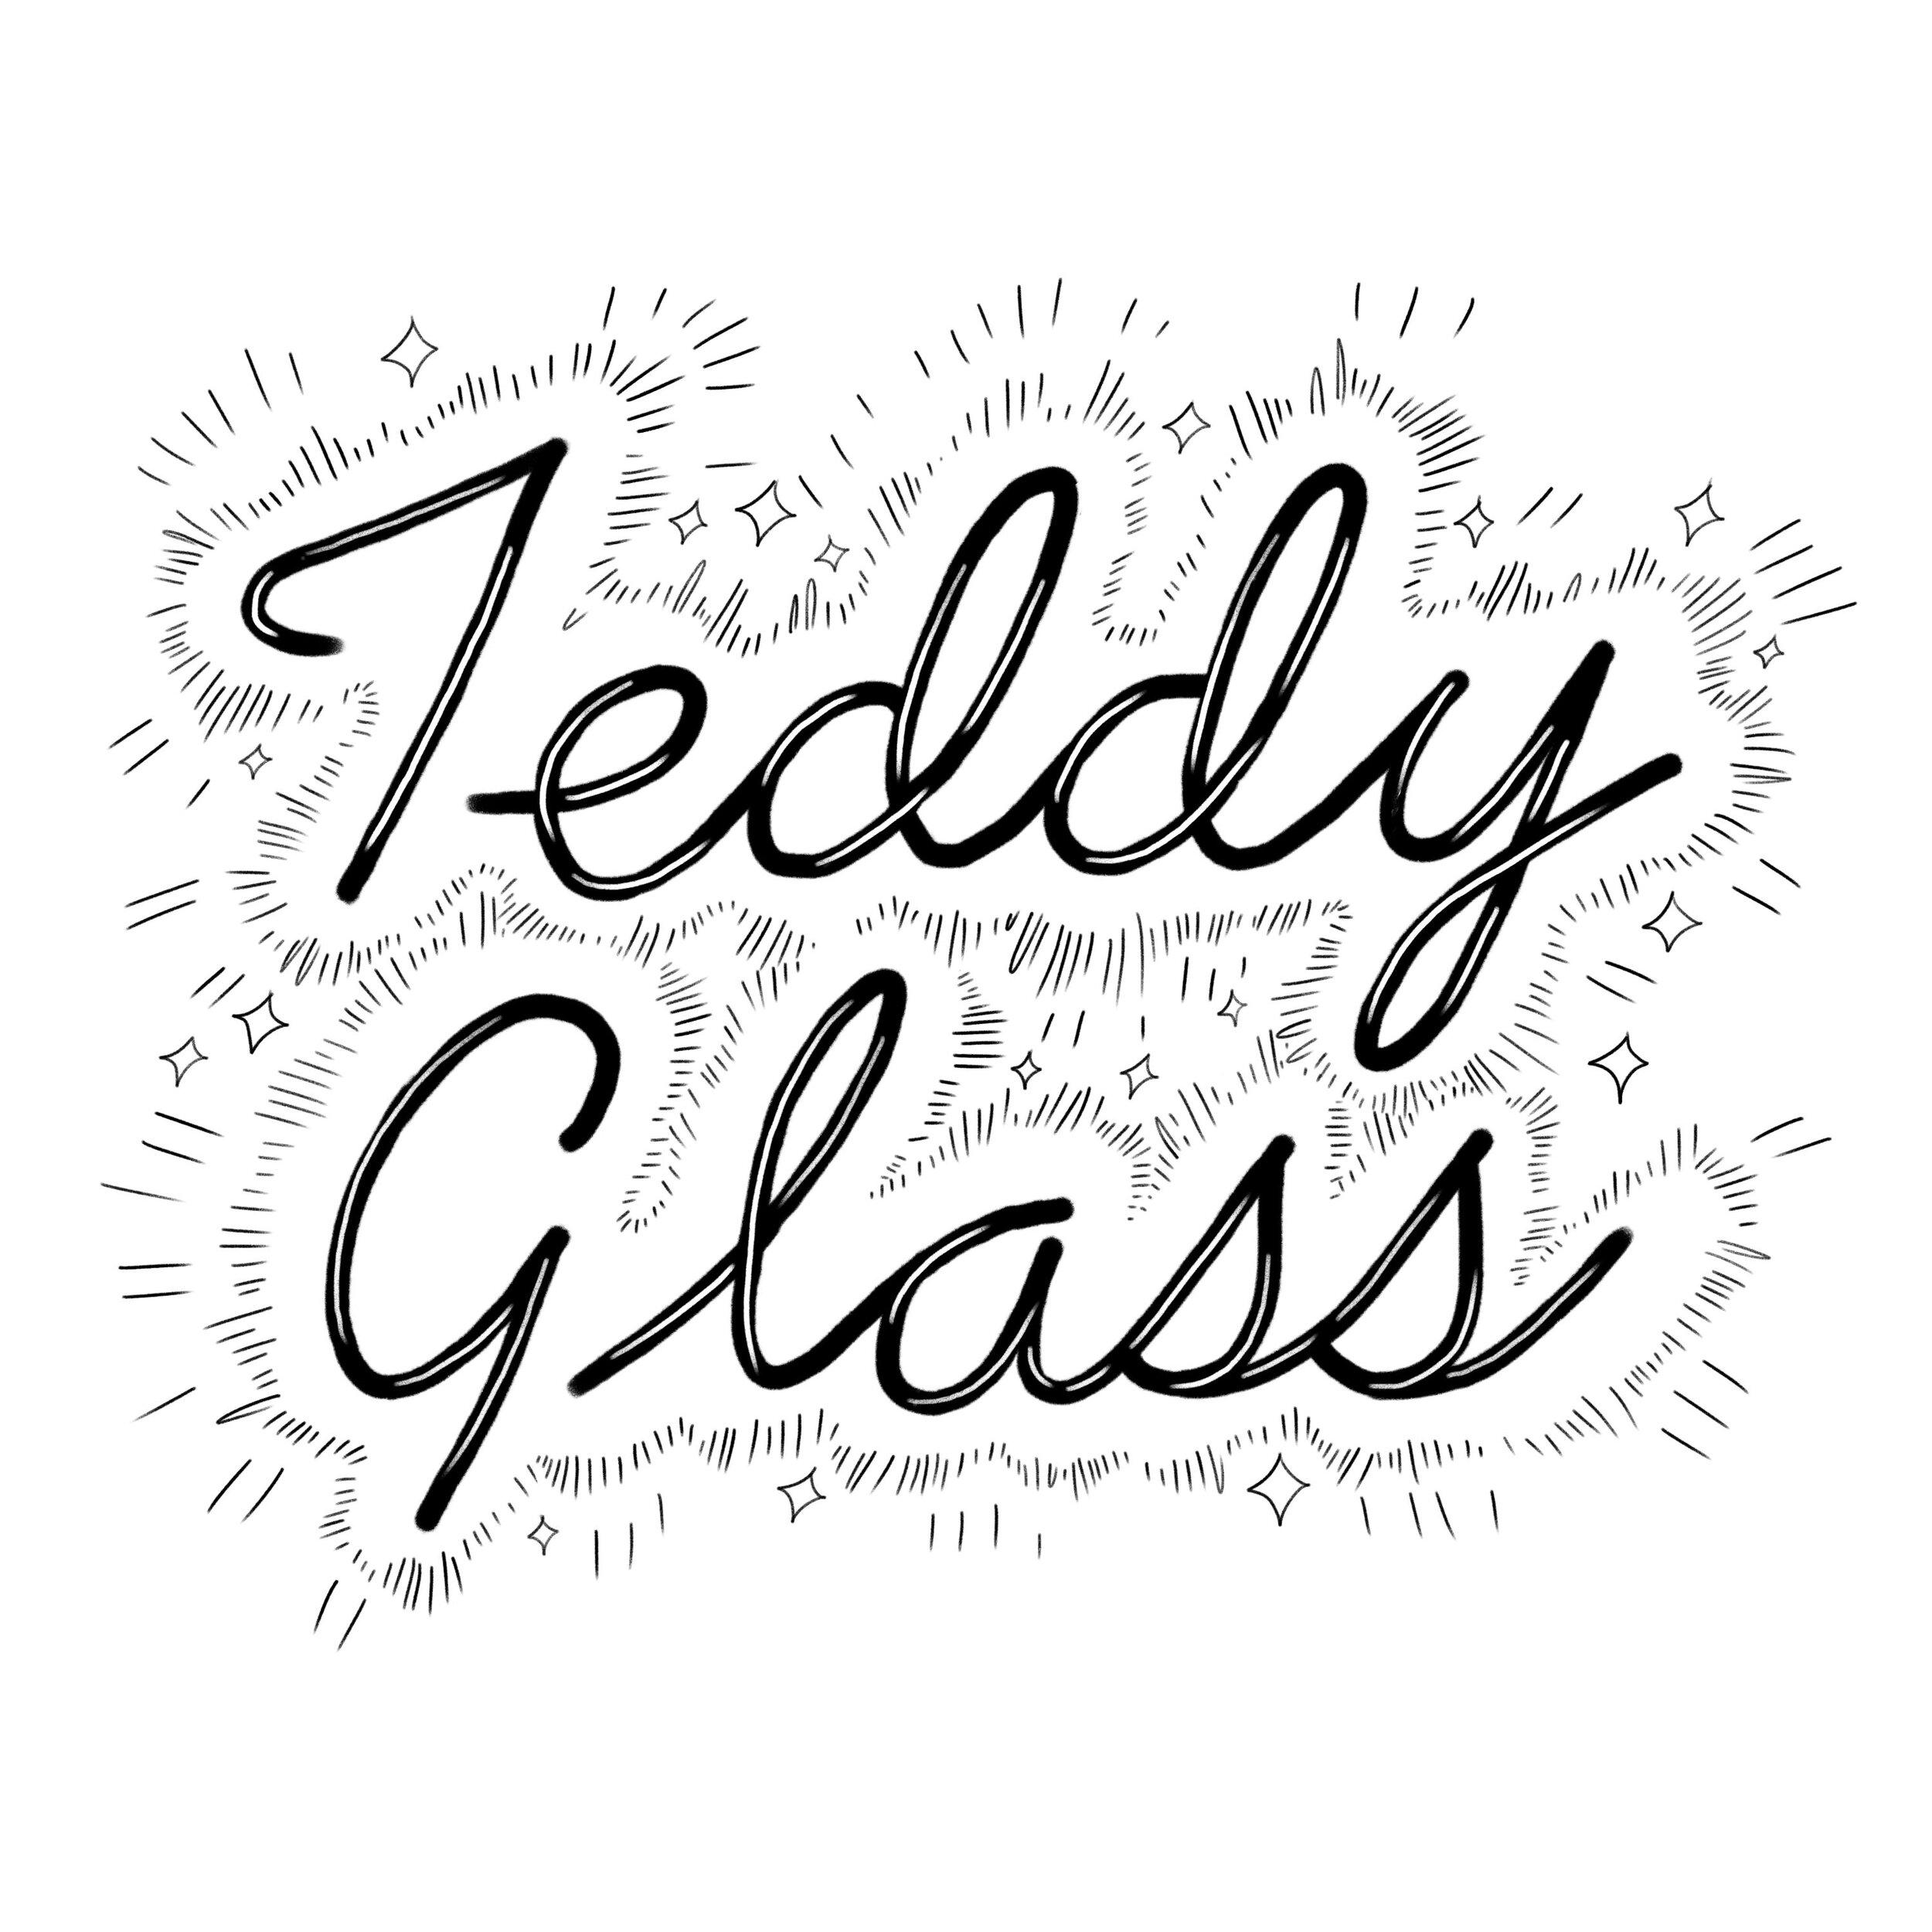 teddy glass_exploded text.jpg